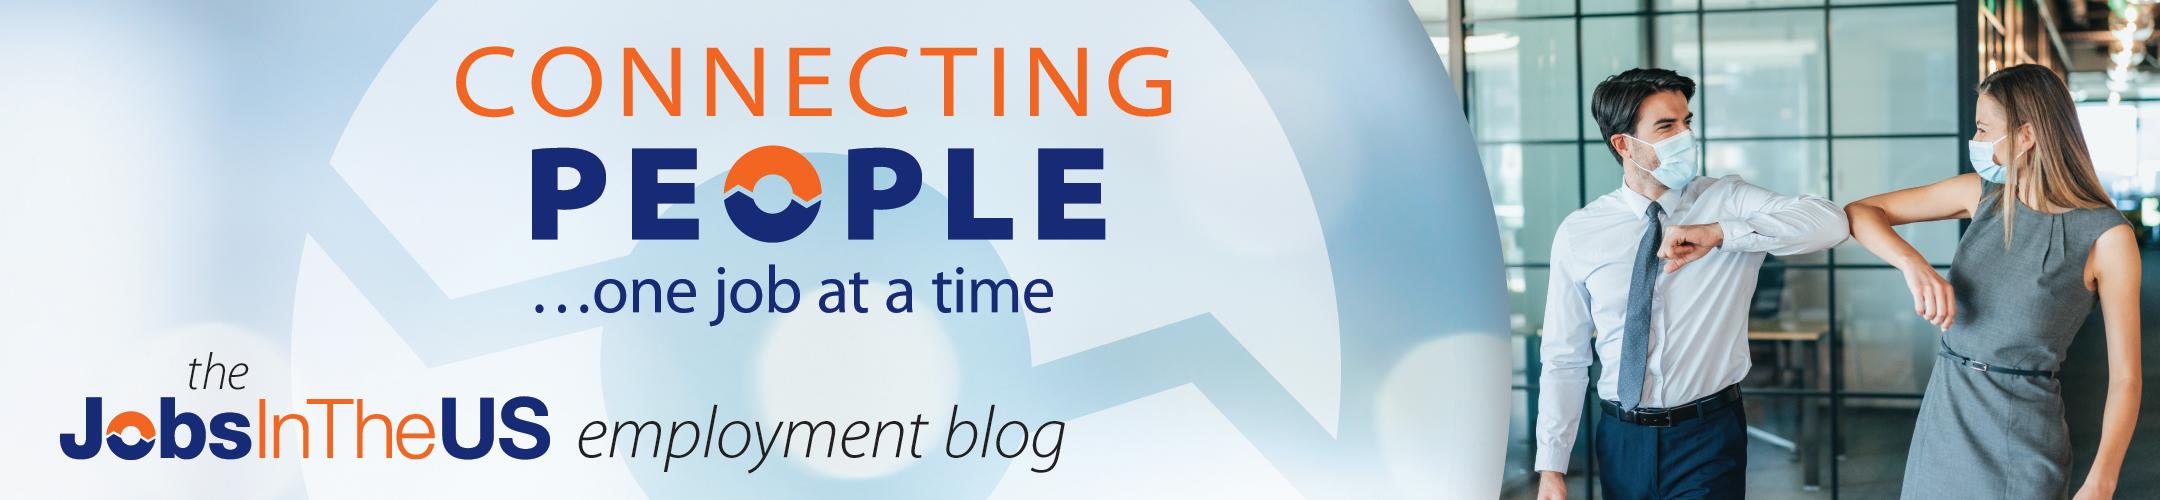 JobsInTheUS Employment Blog